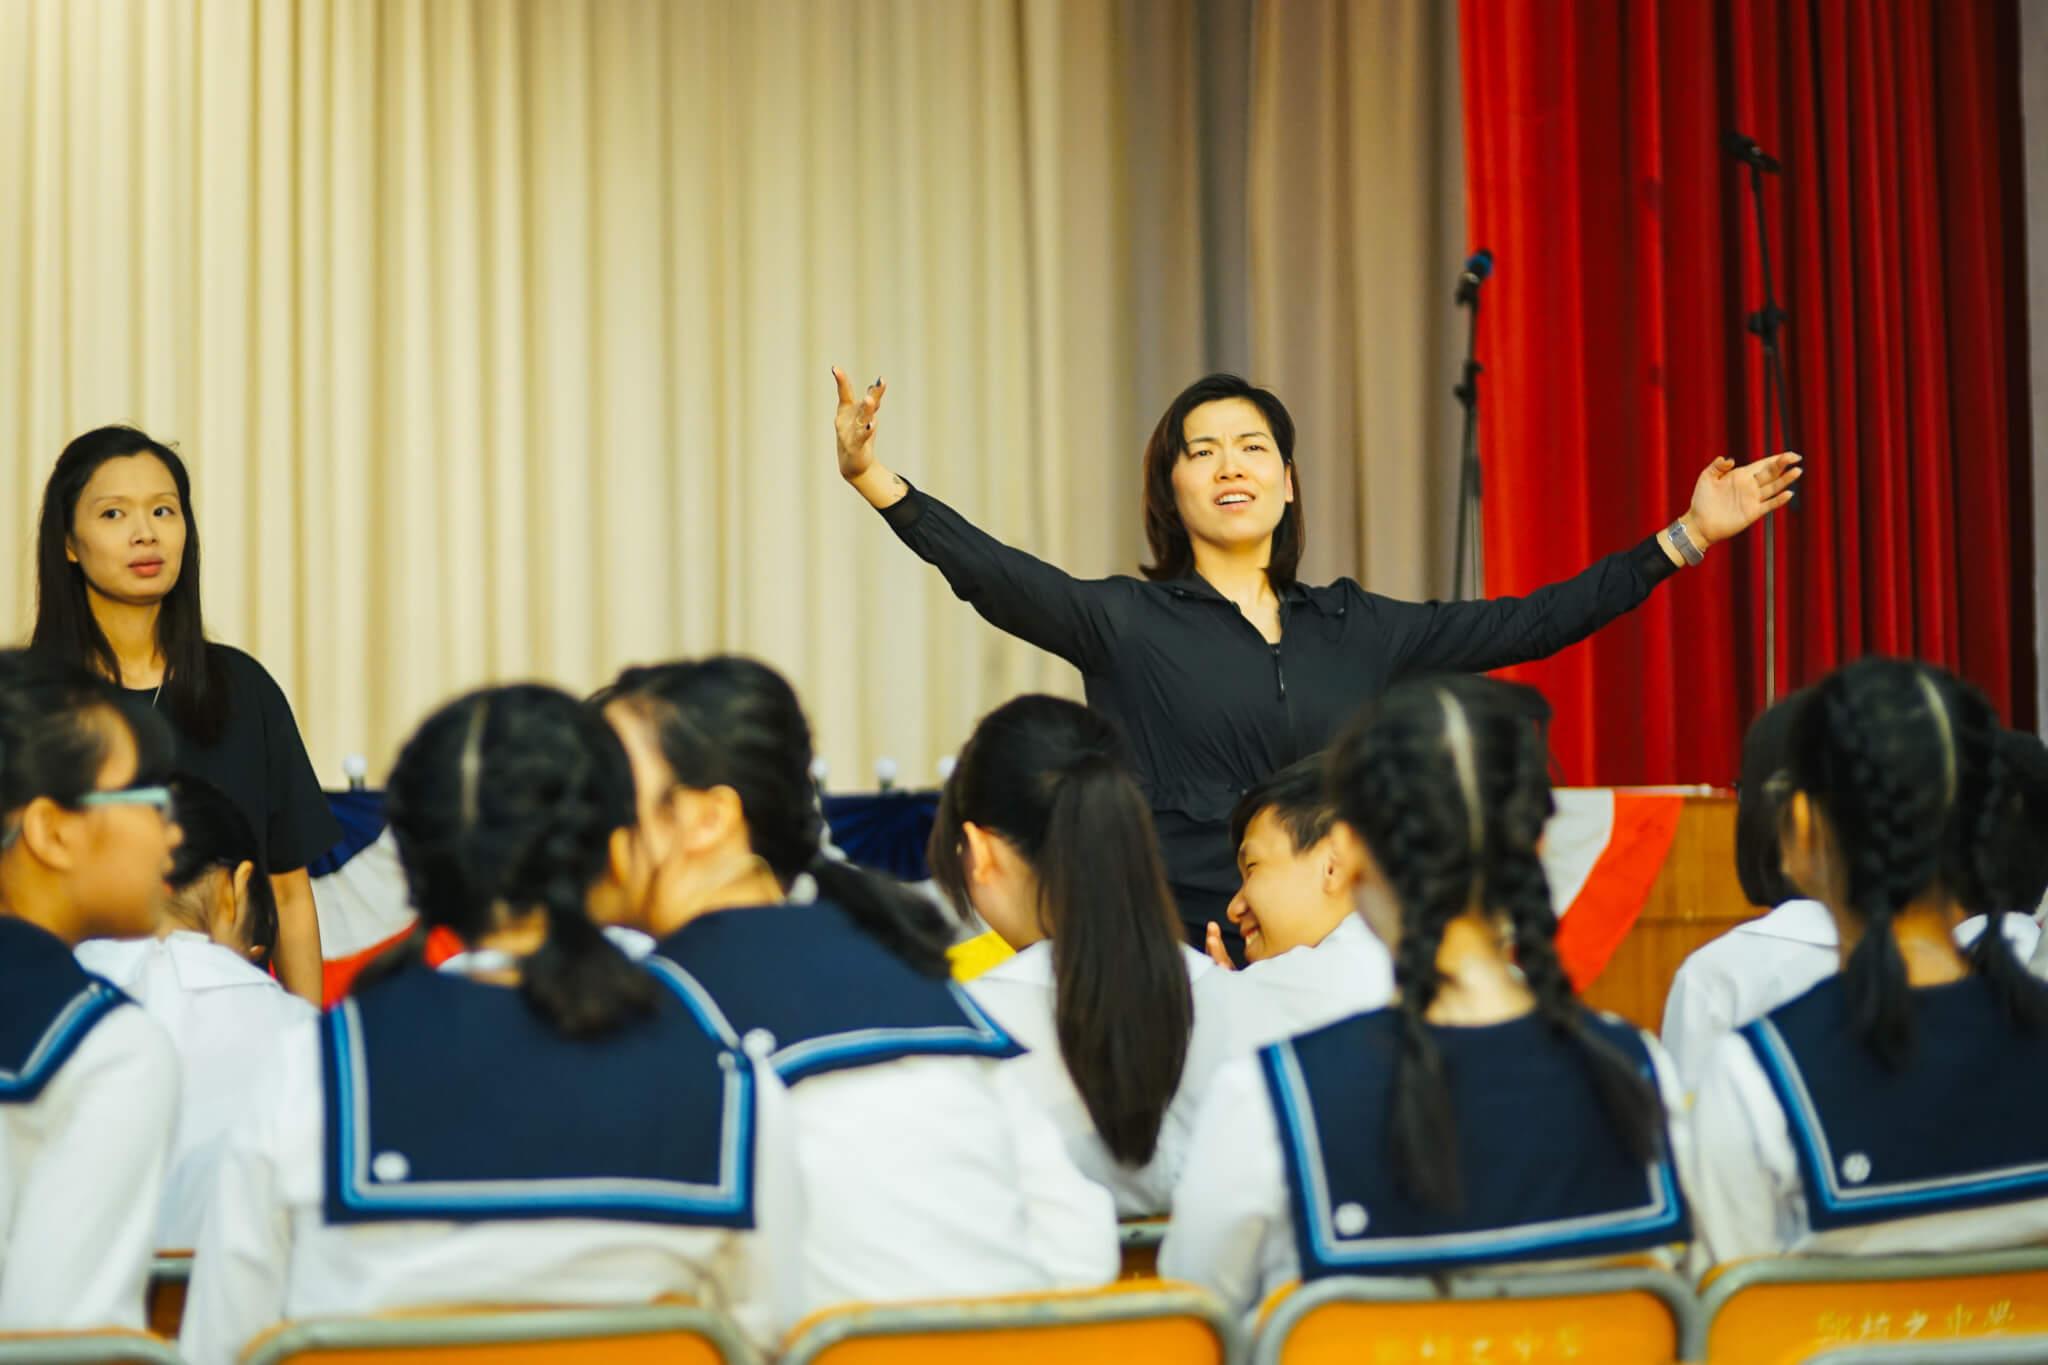 何冠儀指演音樂劇最重要的是想像力,以及放得開。